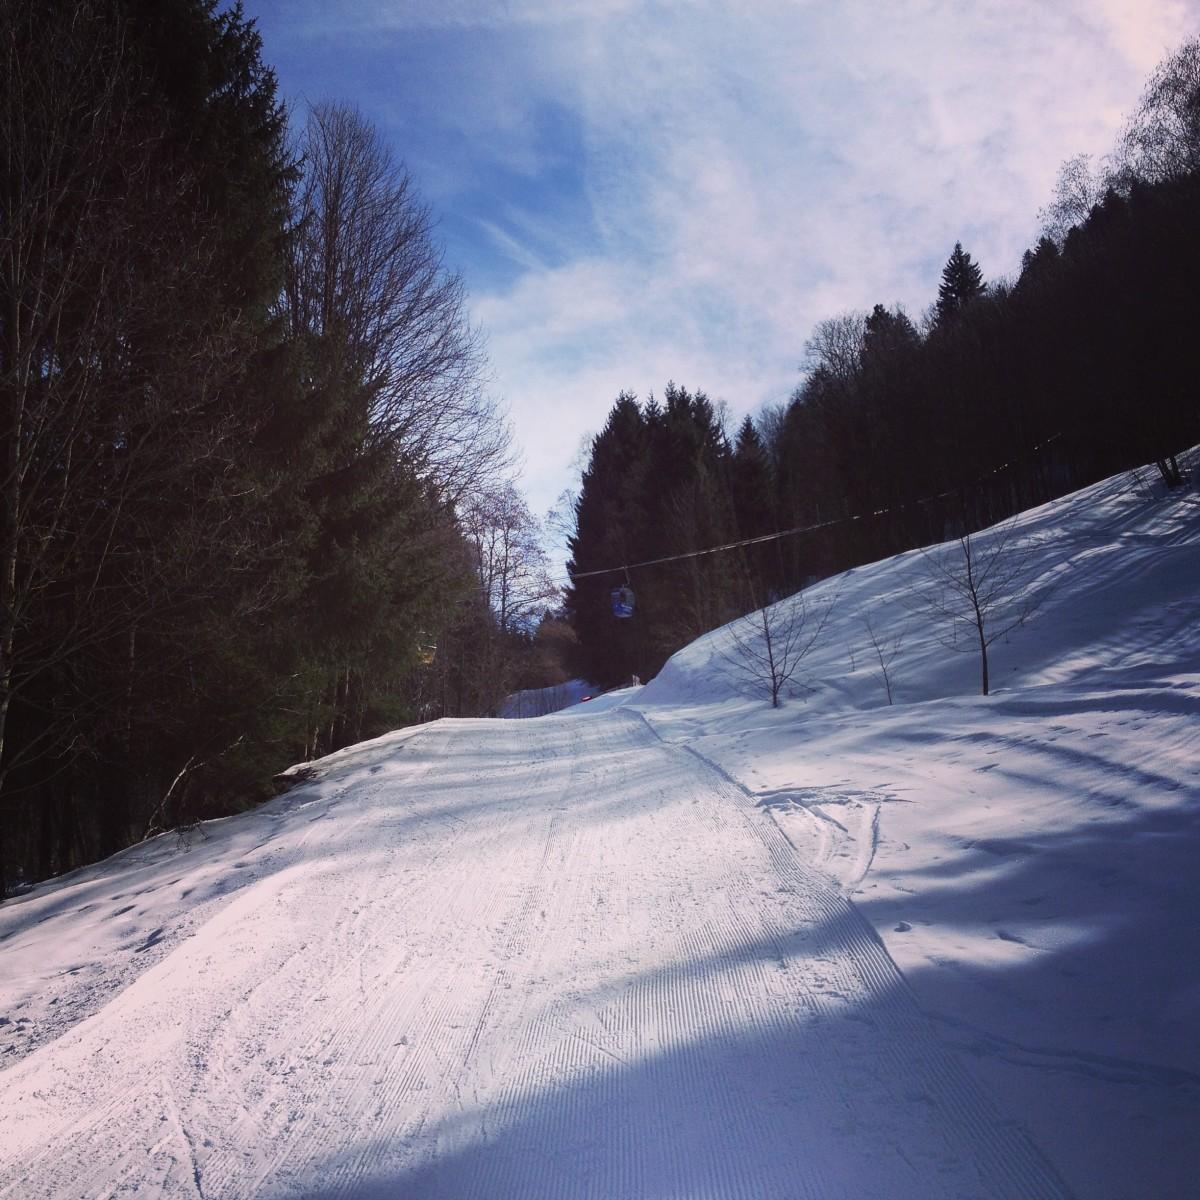 Queruni der Bahn - Skitouren-Lehrpfad am Eckbauer